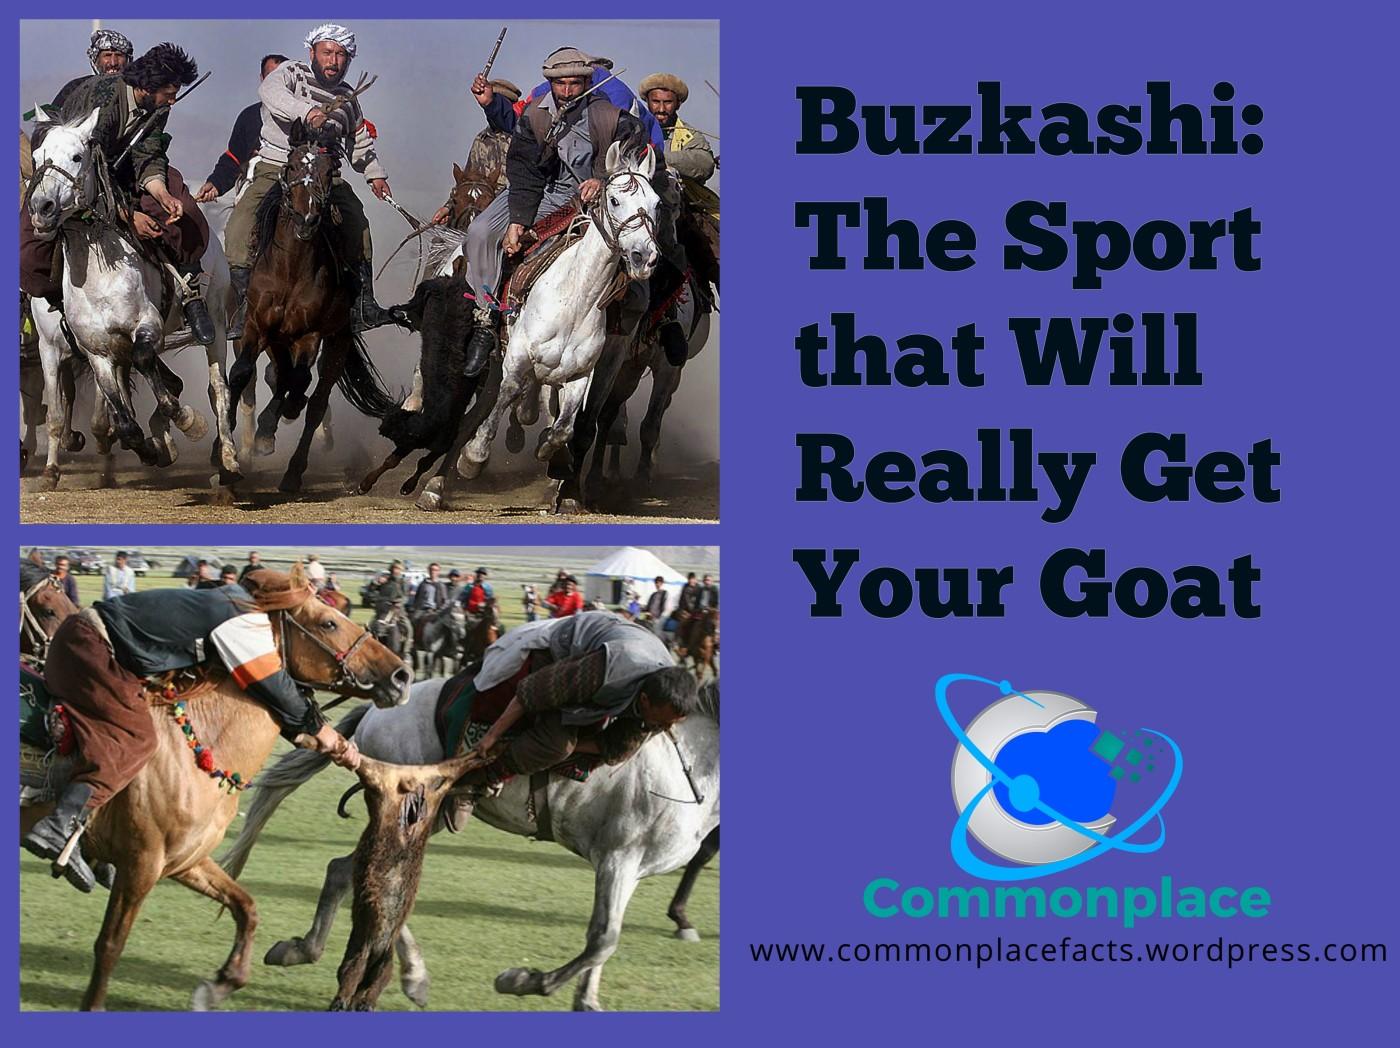 #buzkashi #sports #athletics #strangesports #goats #funfacts #goatdragging